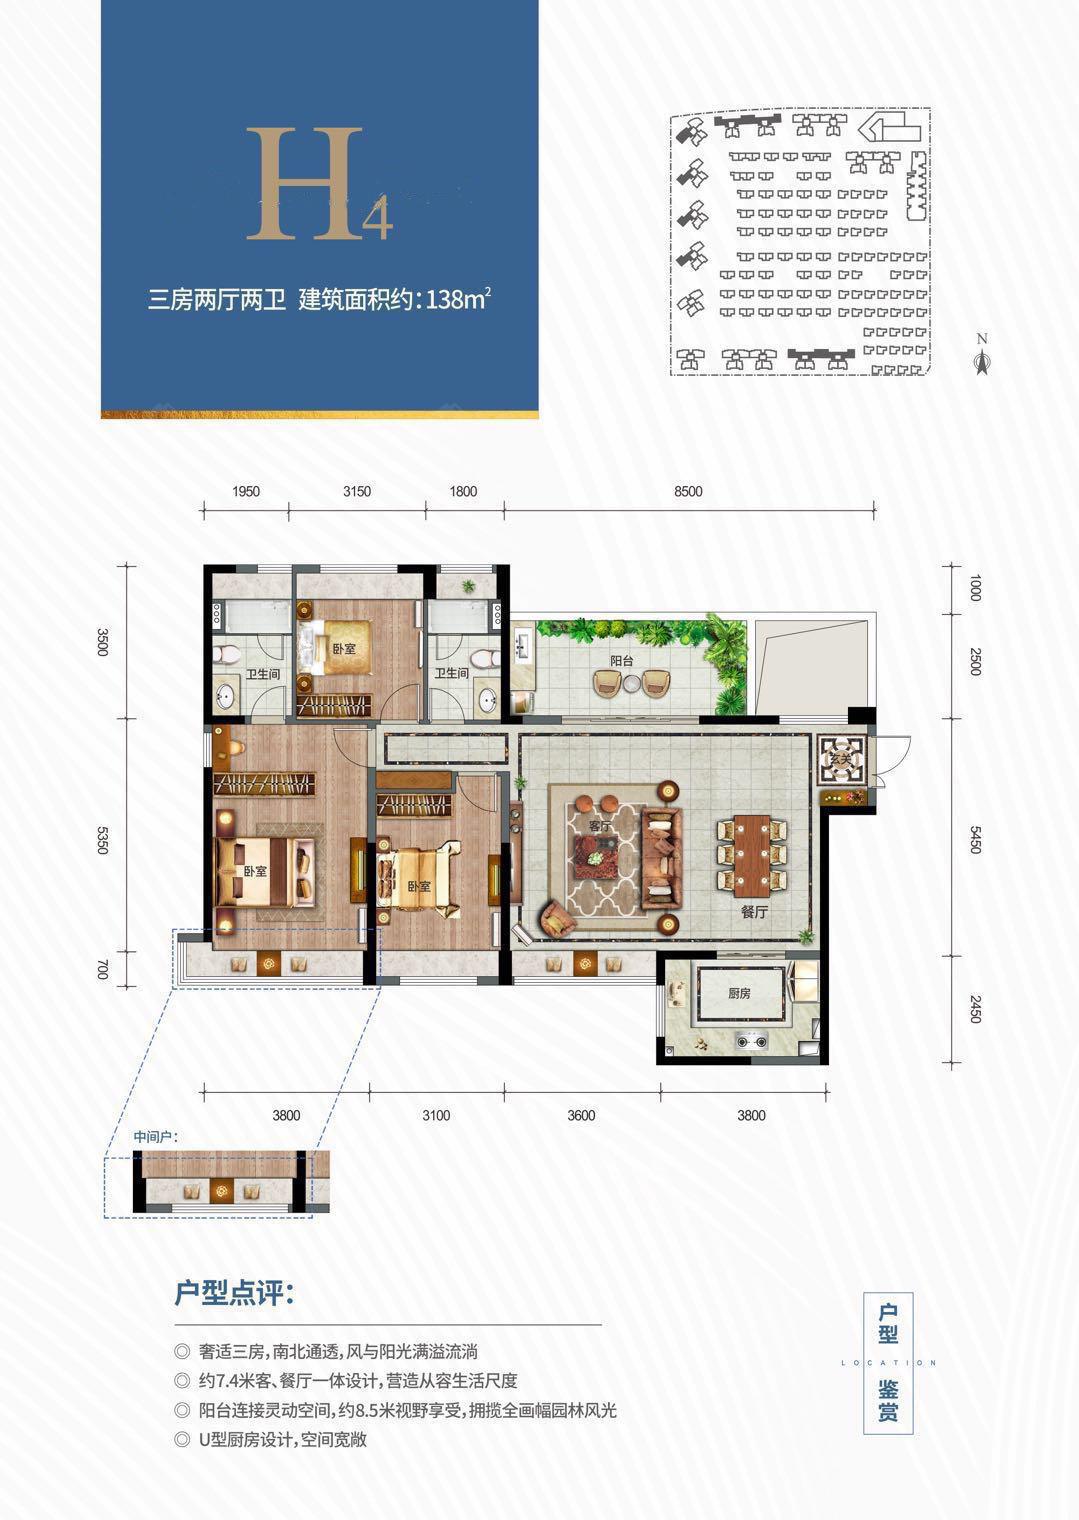 大華錦繡海岸3室2廳2衛